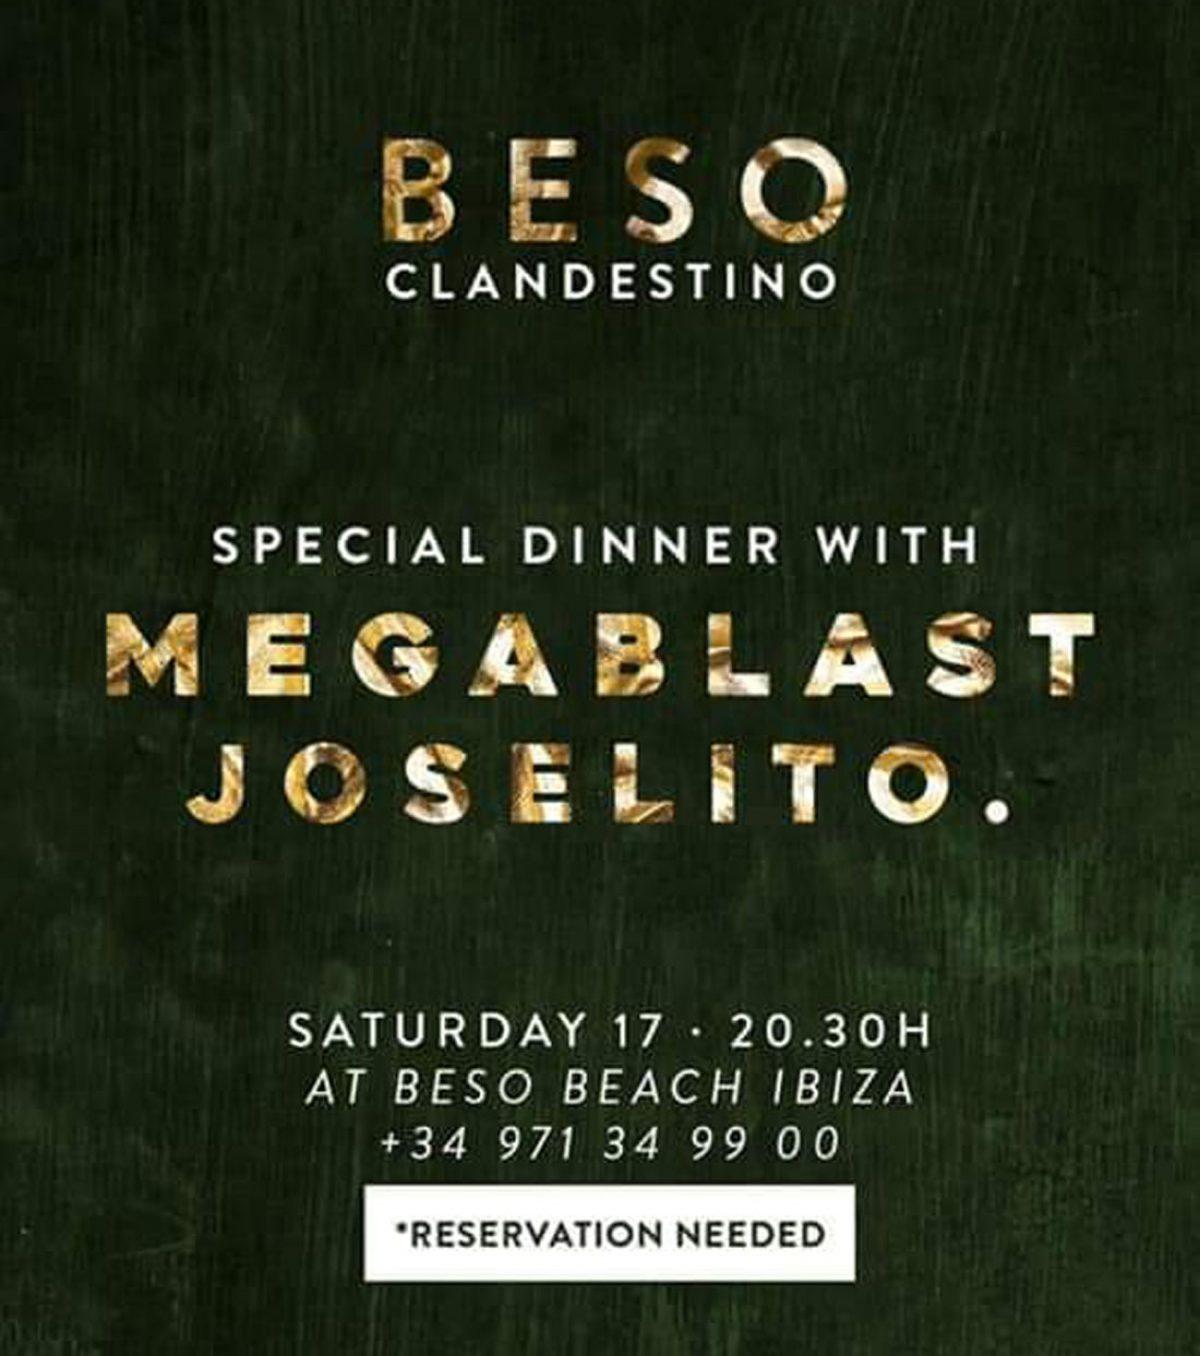 beso-clandestino-megablast-joselito-beso-beach-ibiza-2020-welcometoibiza